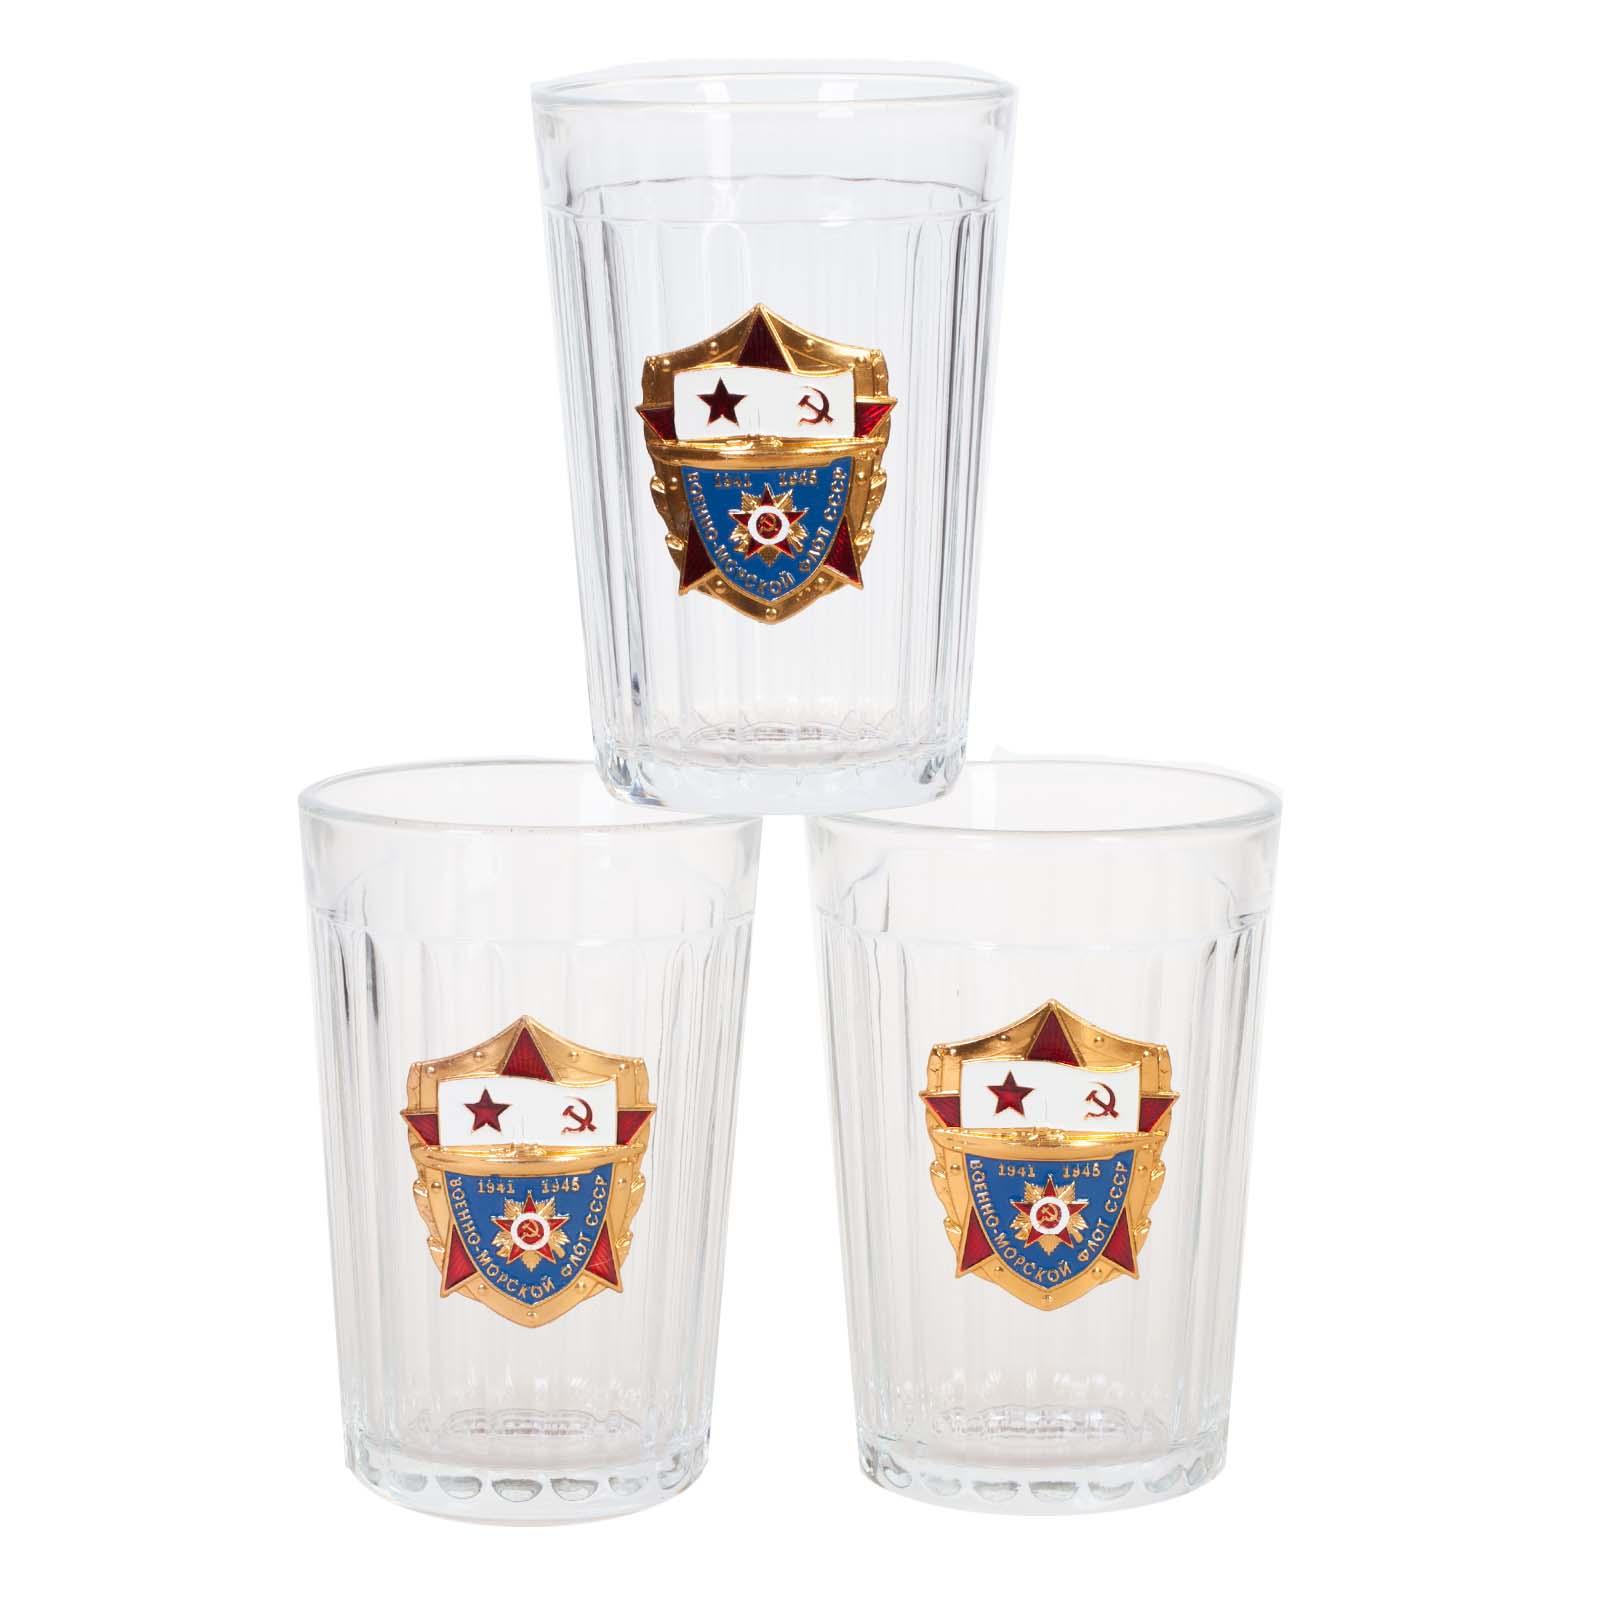 Гранёные стаканы в подарочном наборе ВМФ СССР